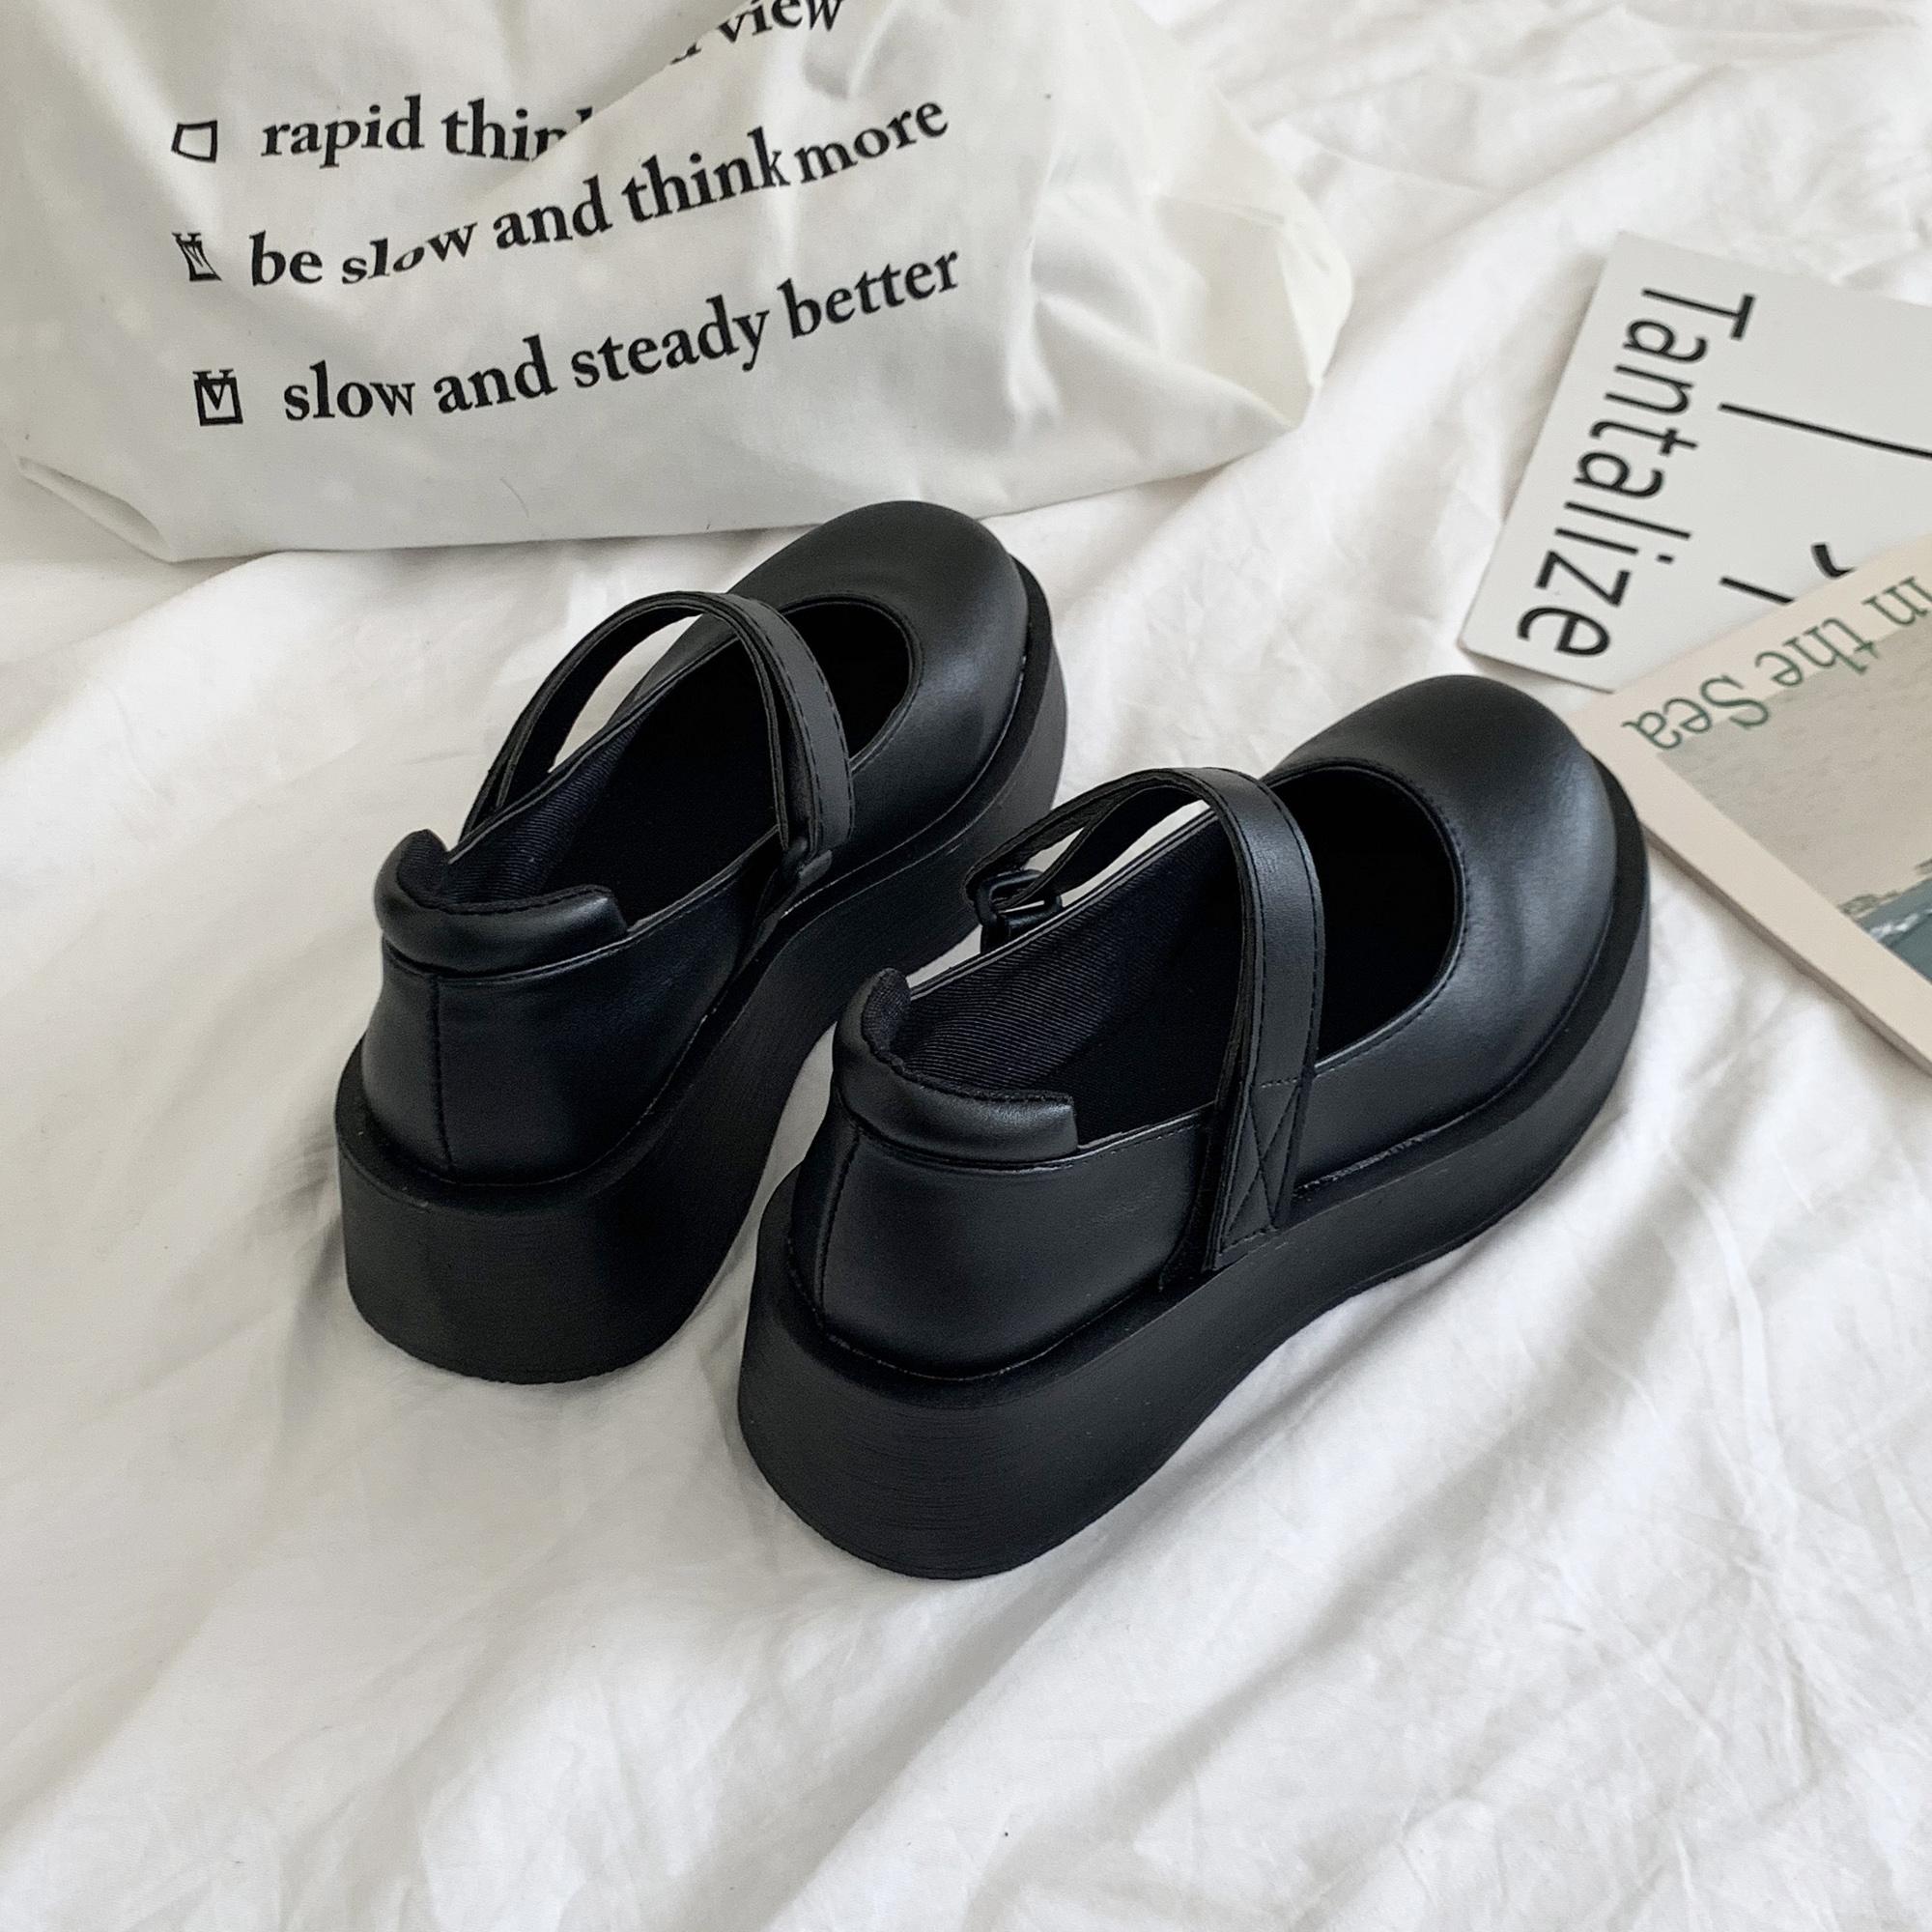 2020春季新款英伦学院风百搭洛丽塔复古玛丽珍鞋厚底漆皮小皮鞋女